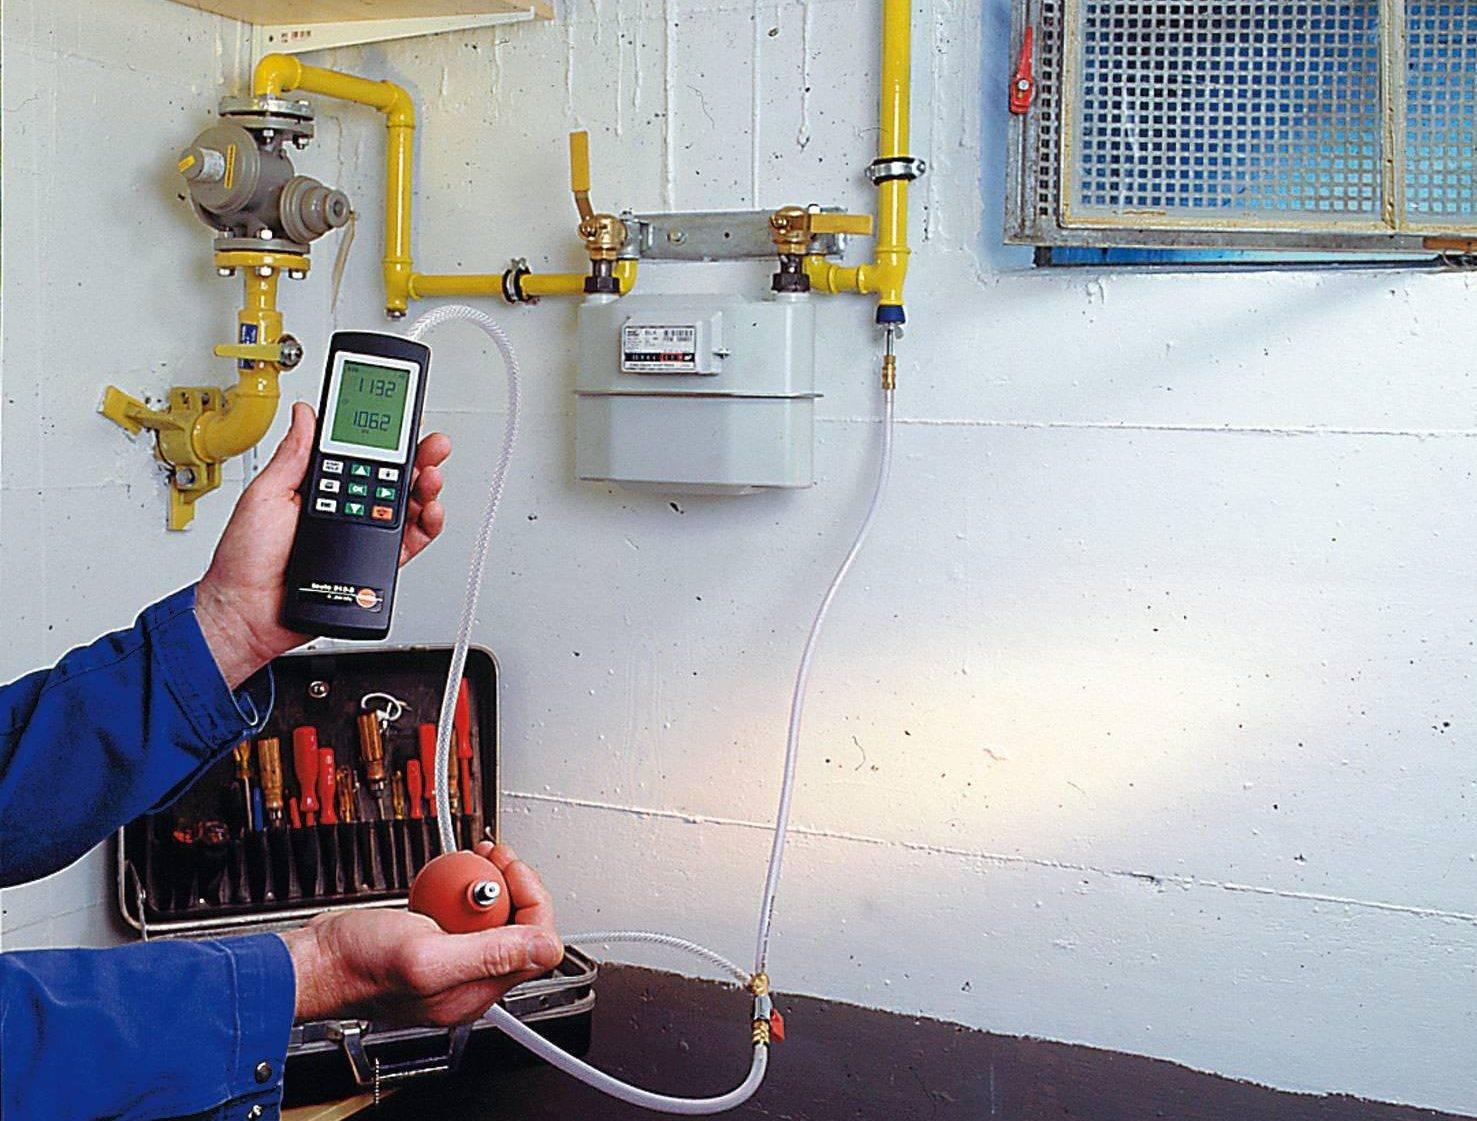 Договор на обслуживание газового оборудования: сколько стоит и можно ли не заключать? собственникам газифицированных квартир и домов придется потратиться